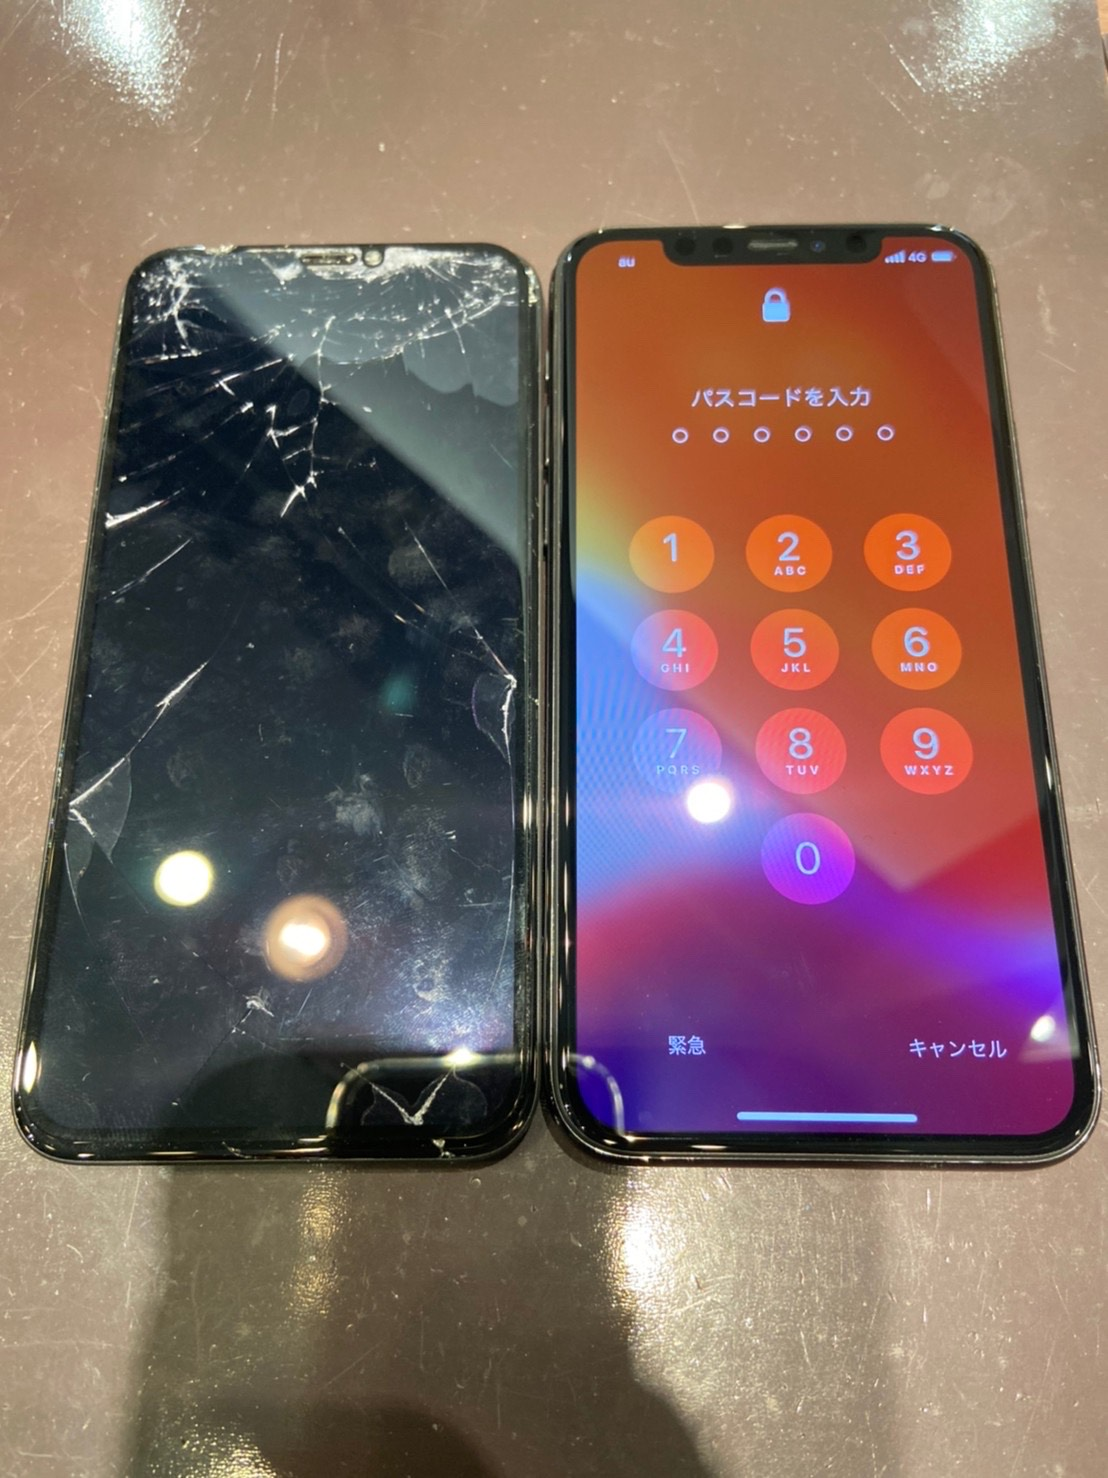 iPhoneX画面修理<佐賀市からご来店>どれだけ損傷していても即日修理致します。お気軽にご相談下さいませ。